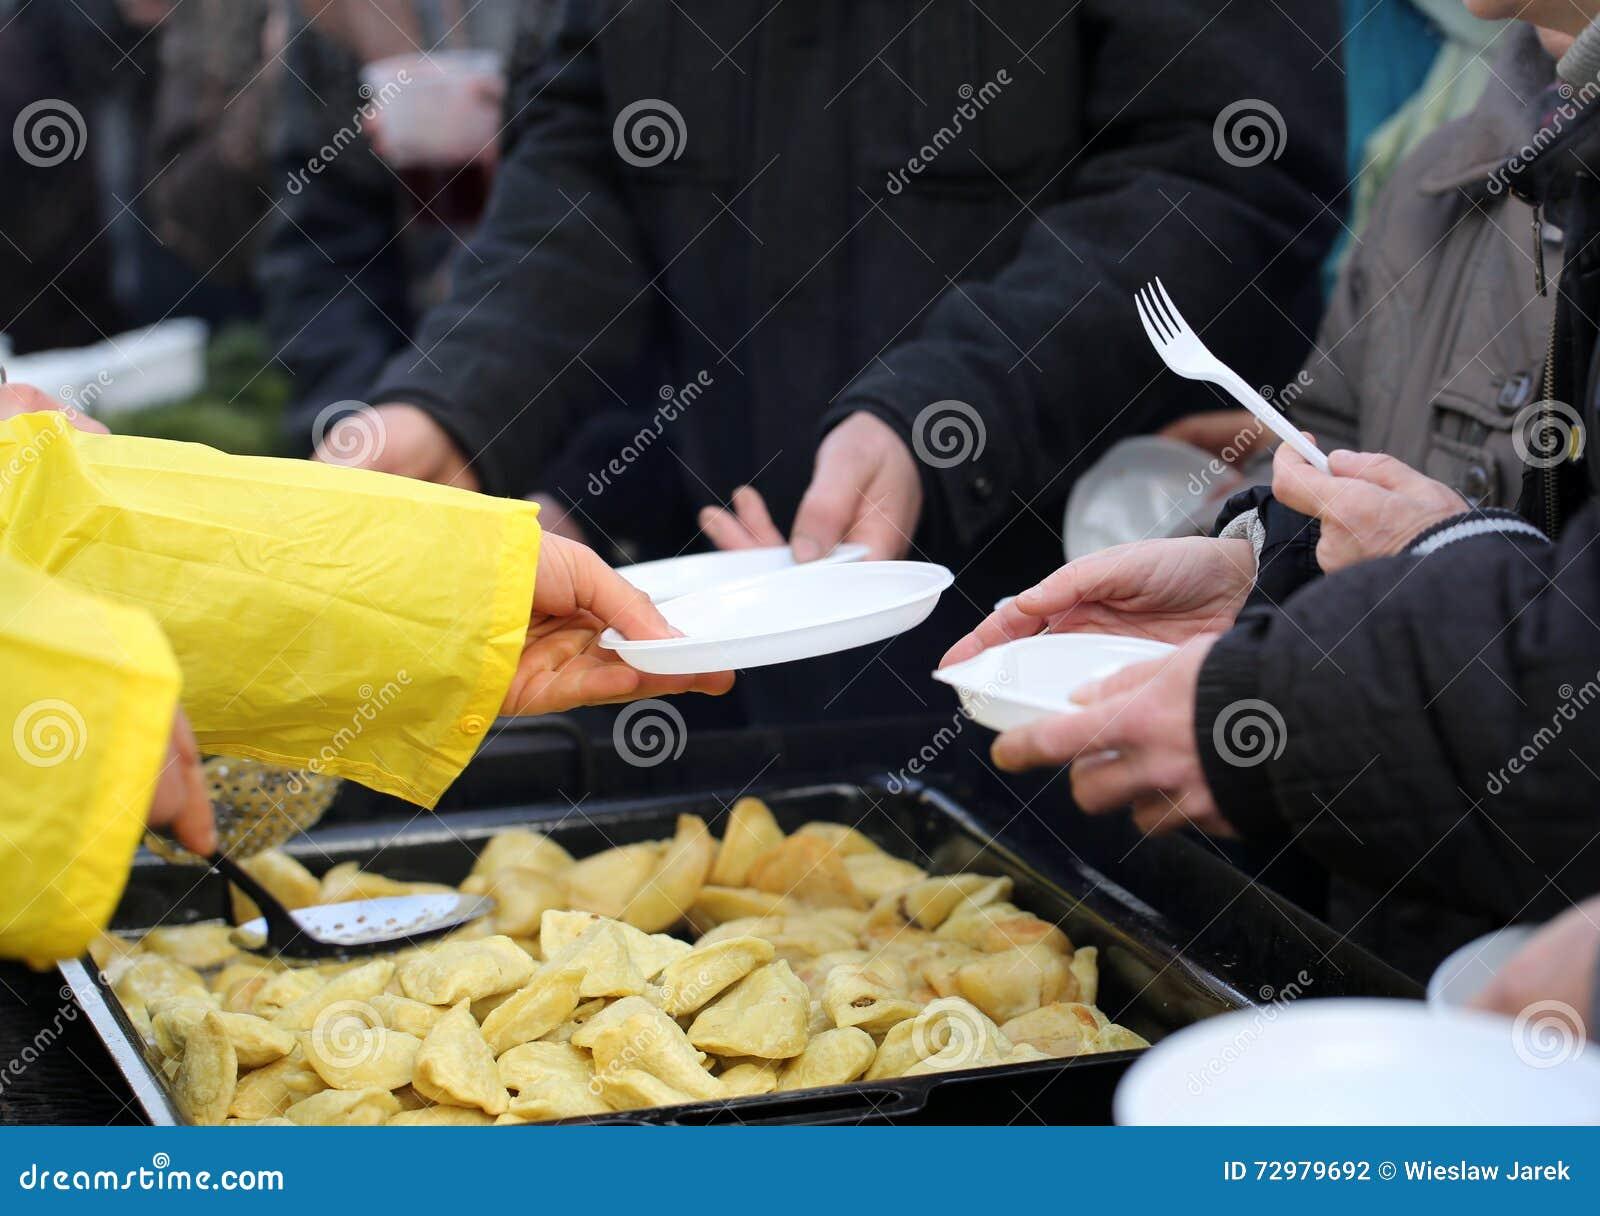 Ciepły jedzenie dla bezdomny i biedy